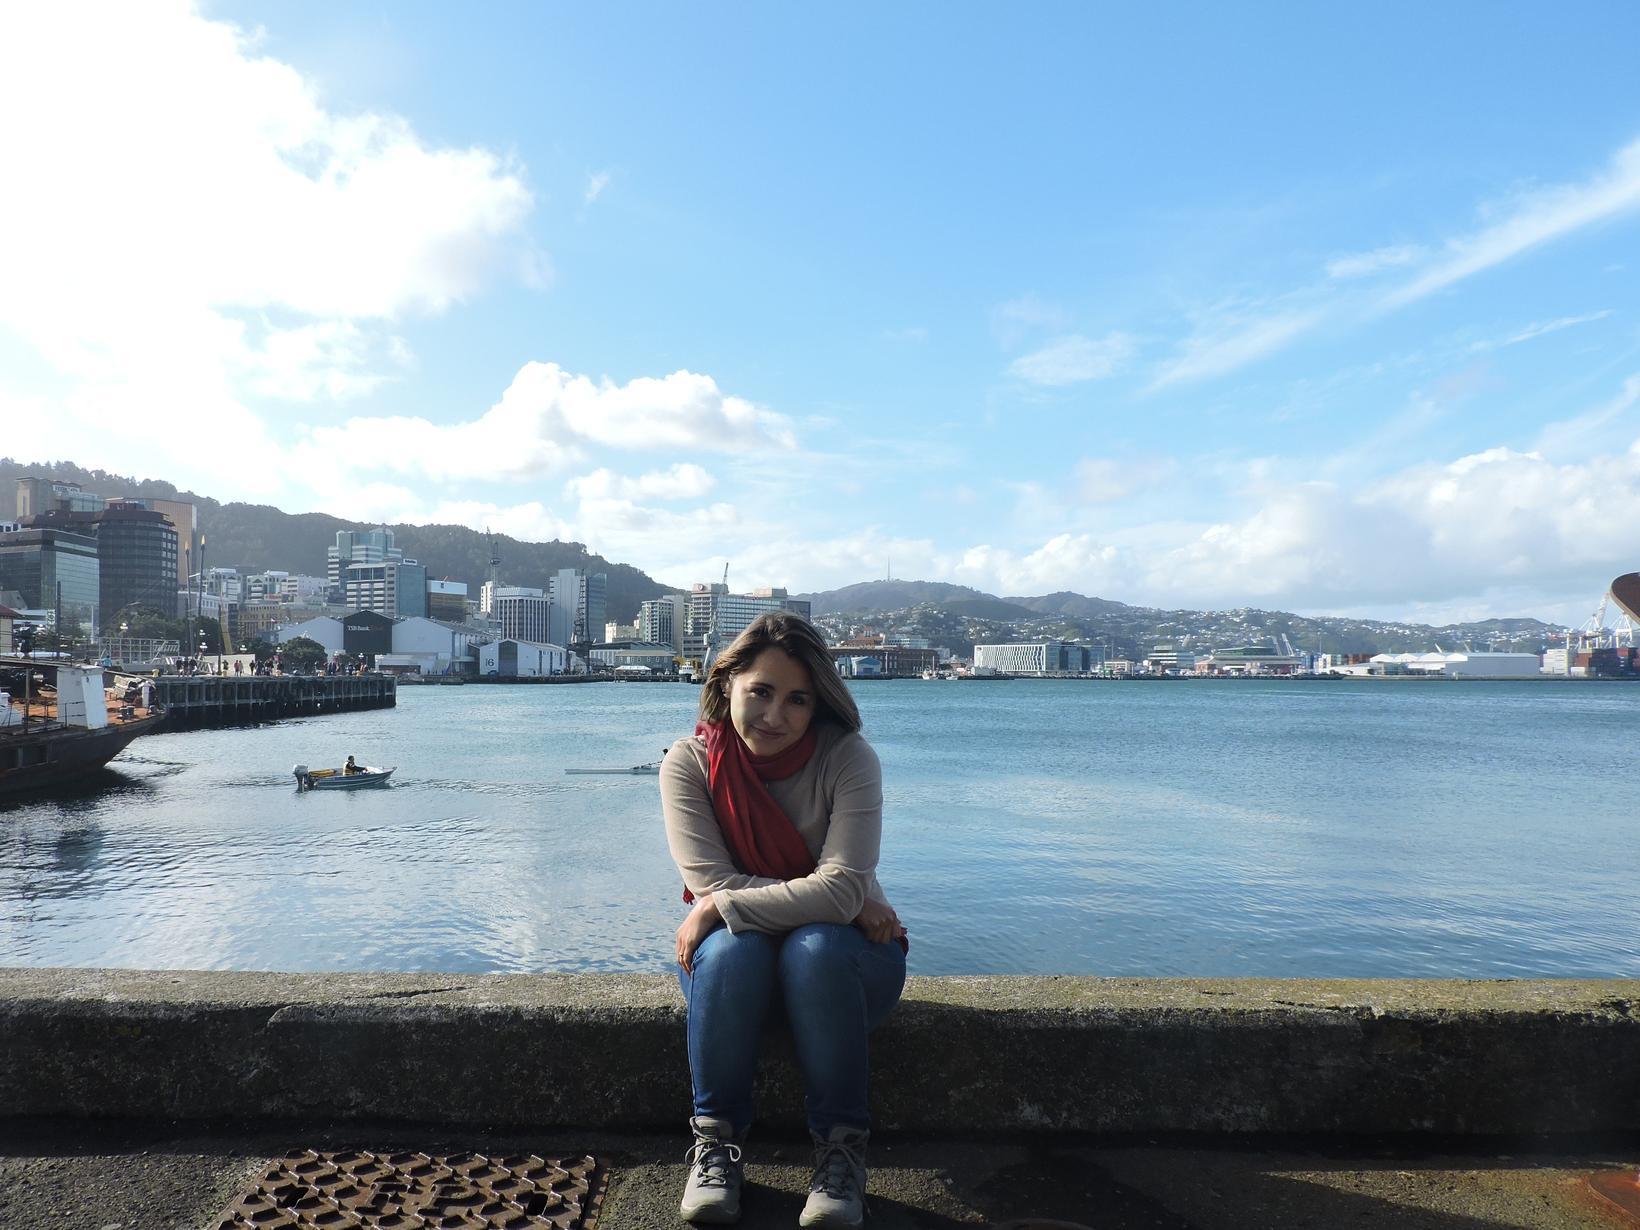 Juliana andrea from Rangiora, New Zealand